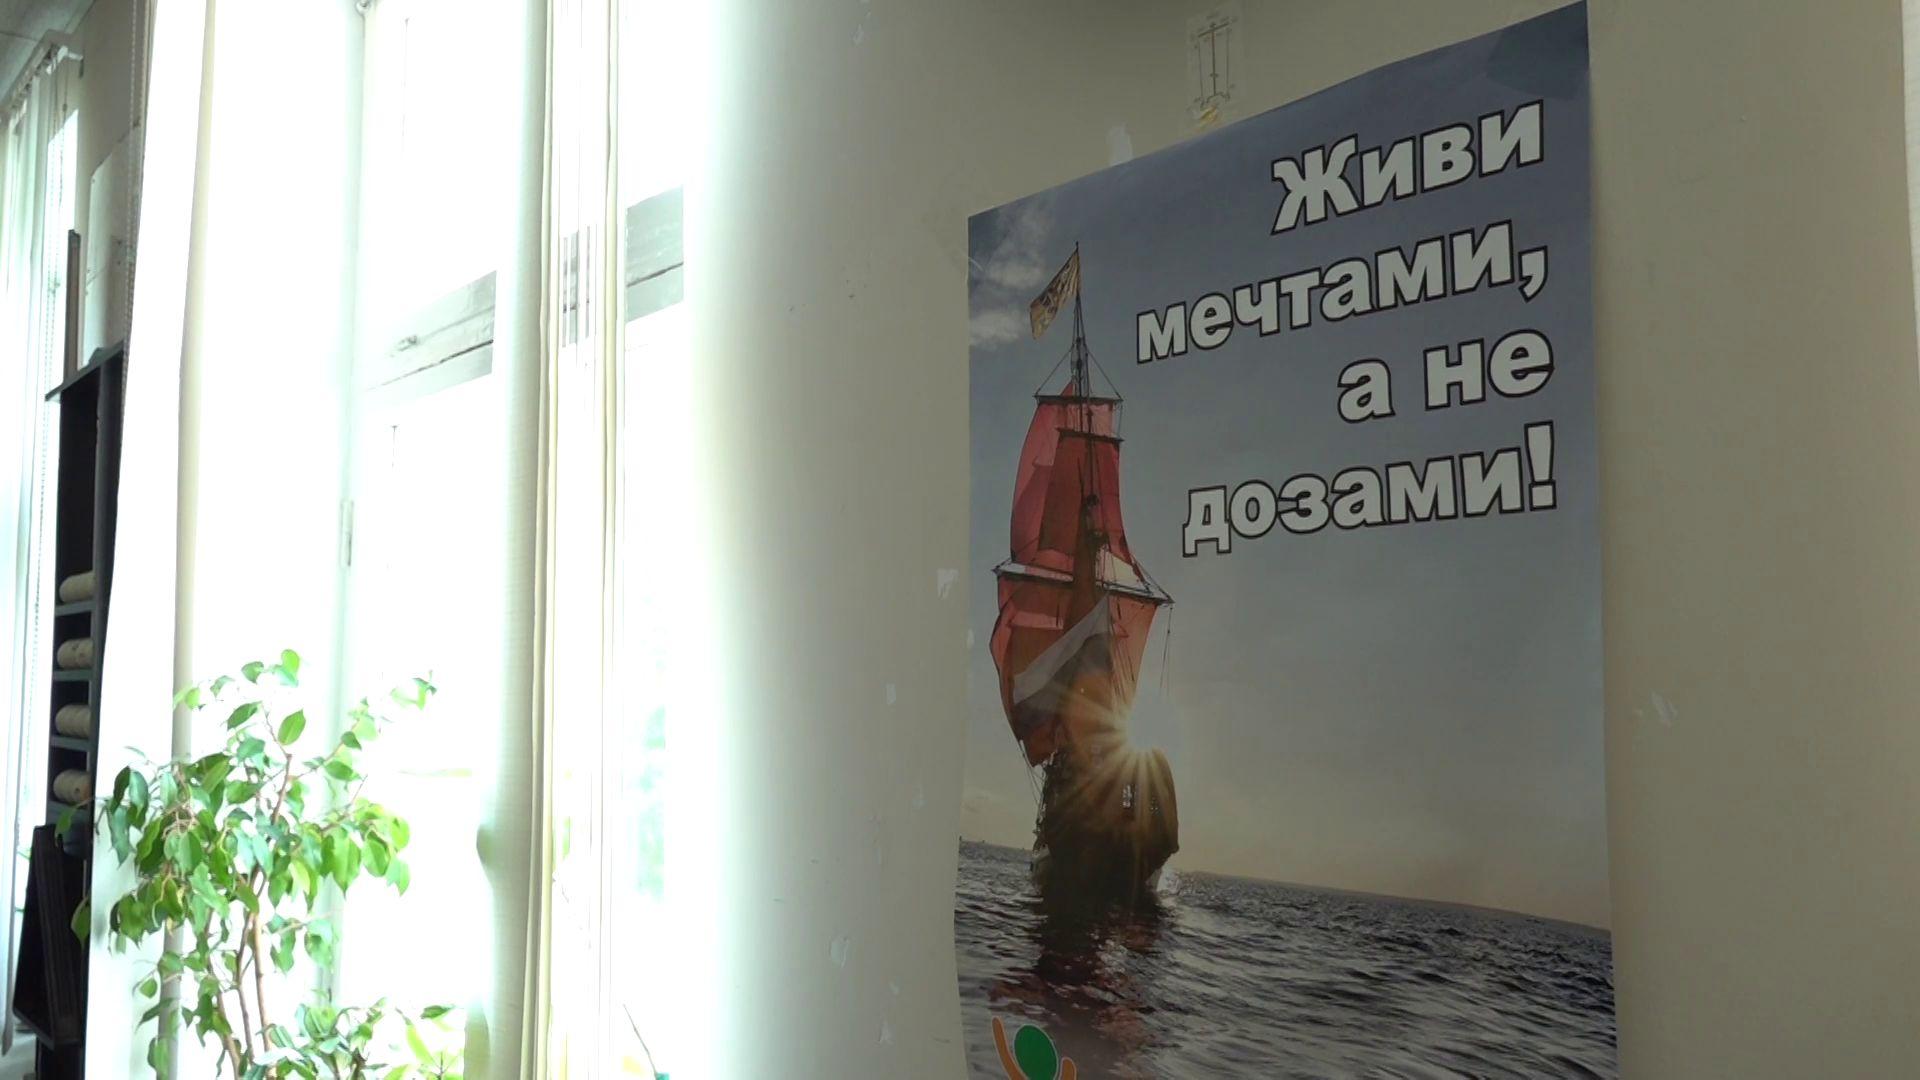 Реабилитационное отделение наркологической больницы отпраздновало свой первый юбилей